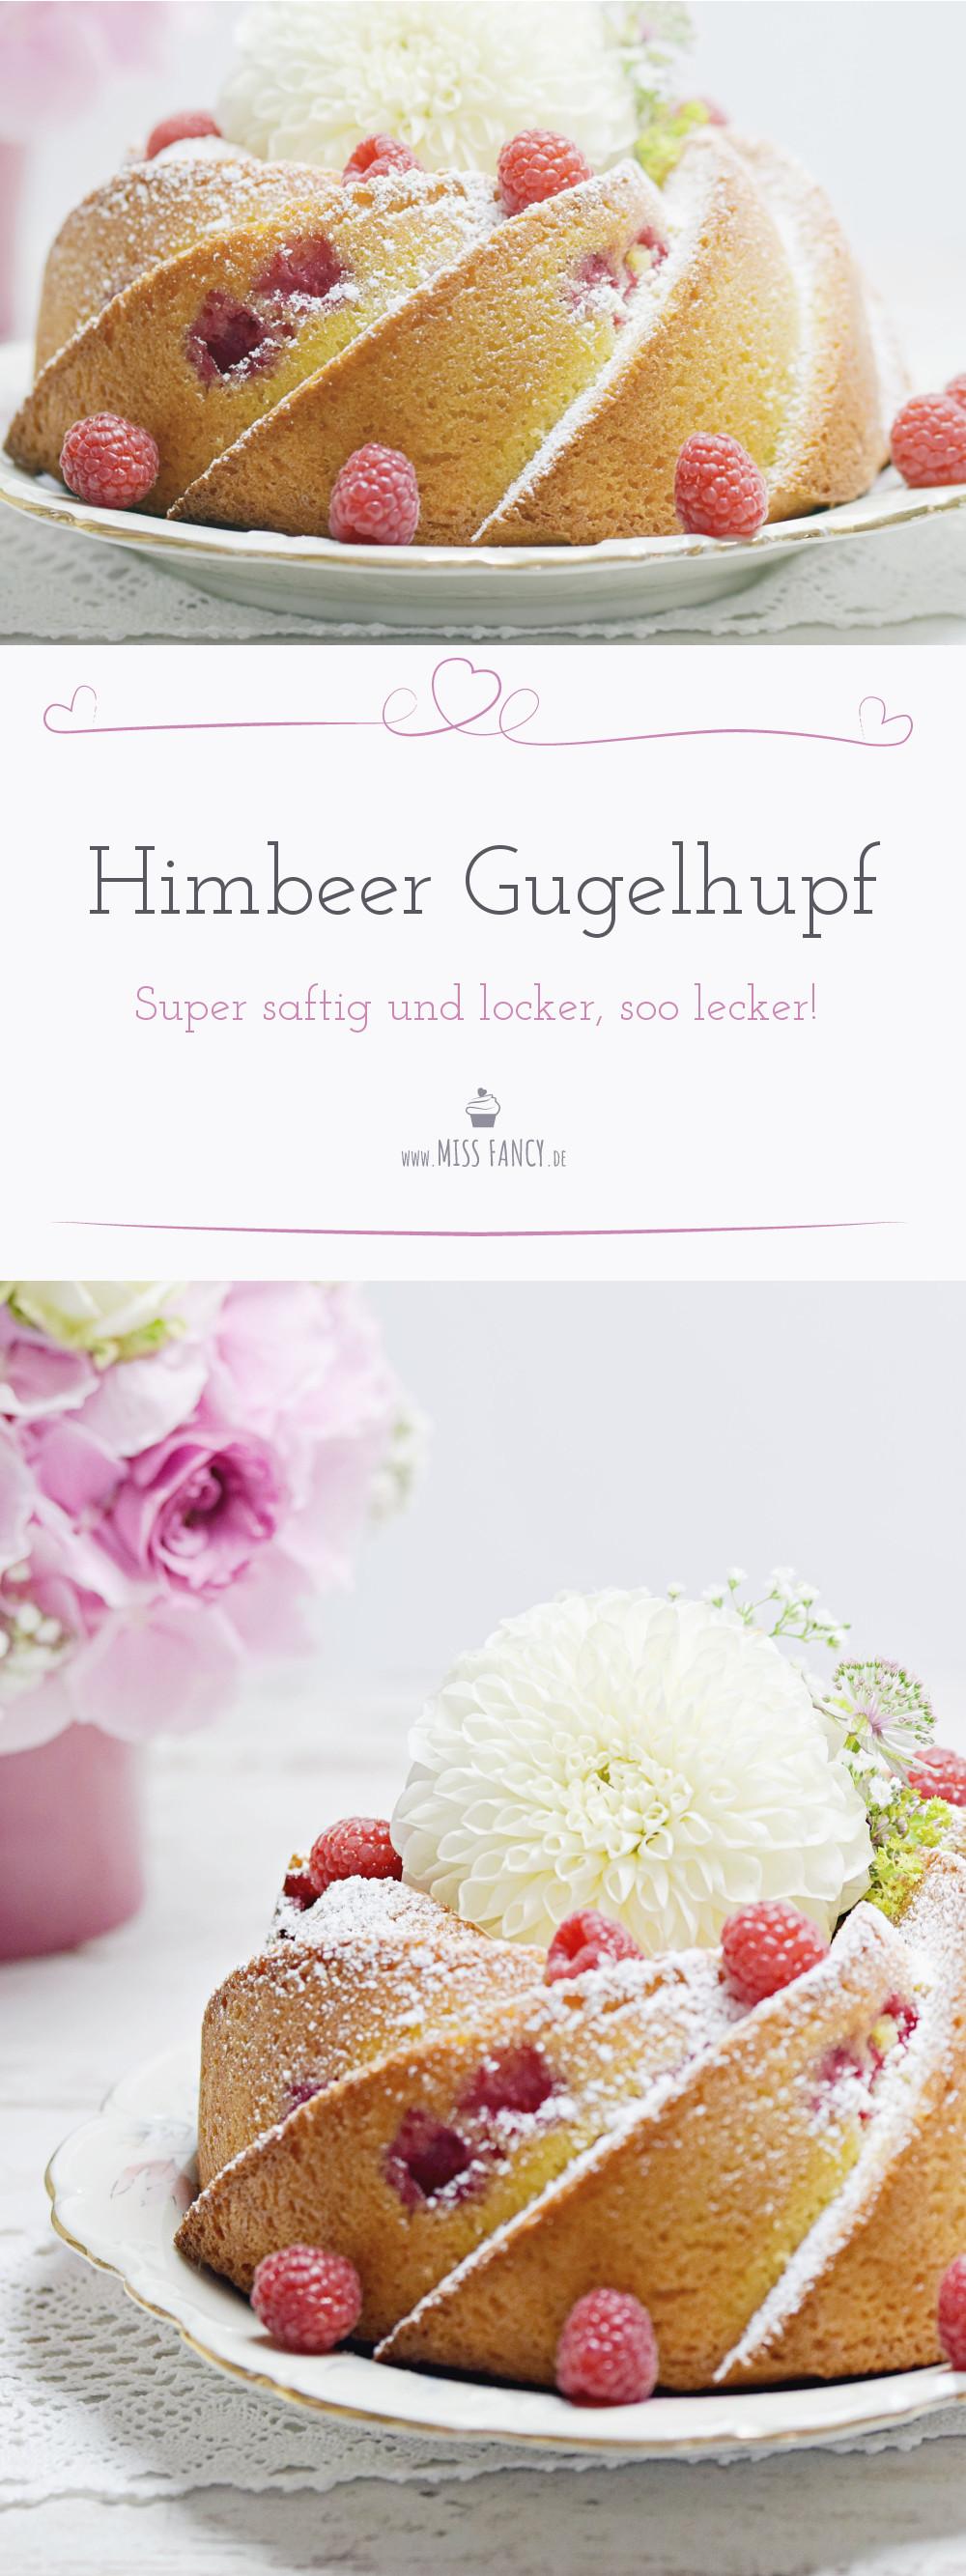 Vanille-Himbeer-Gugelhupf-Rezept